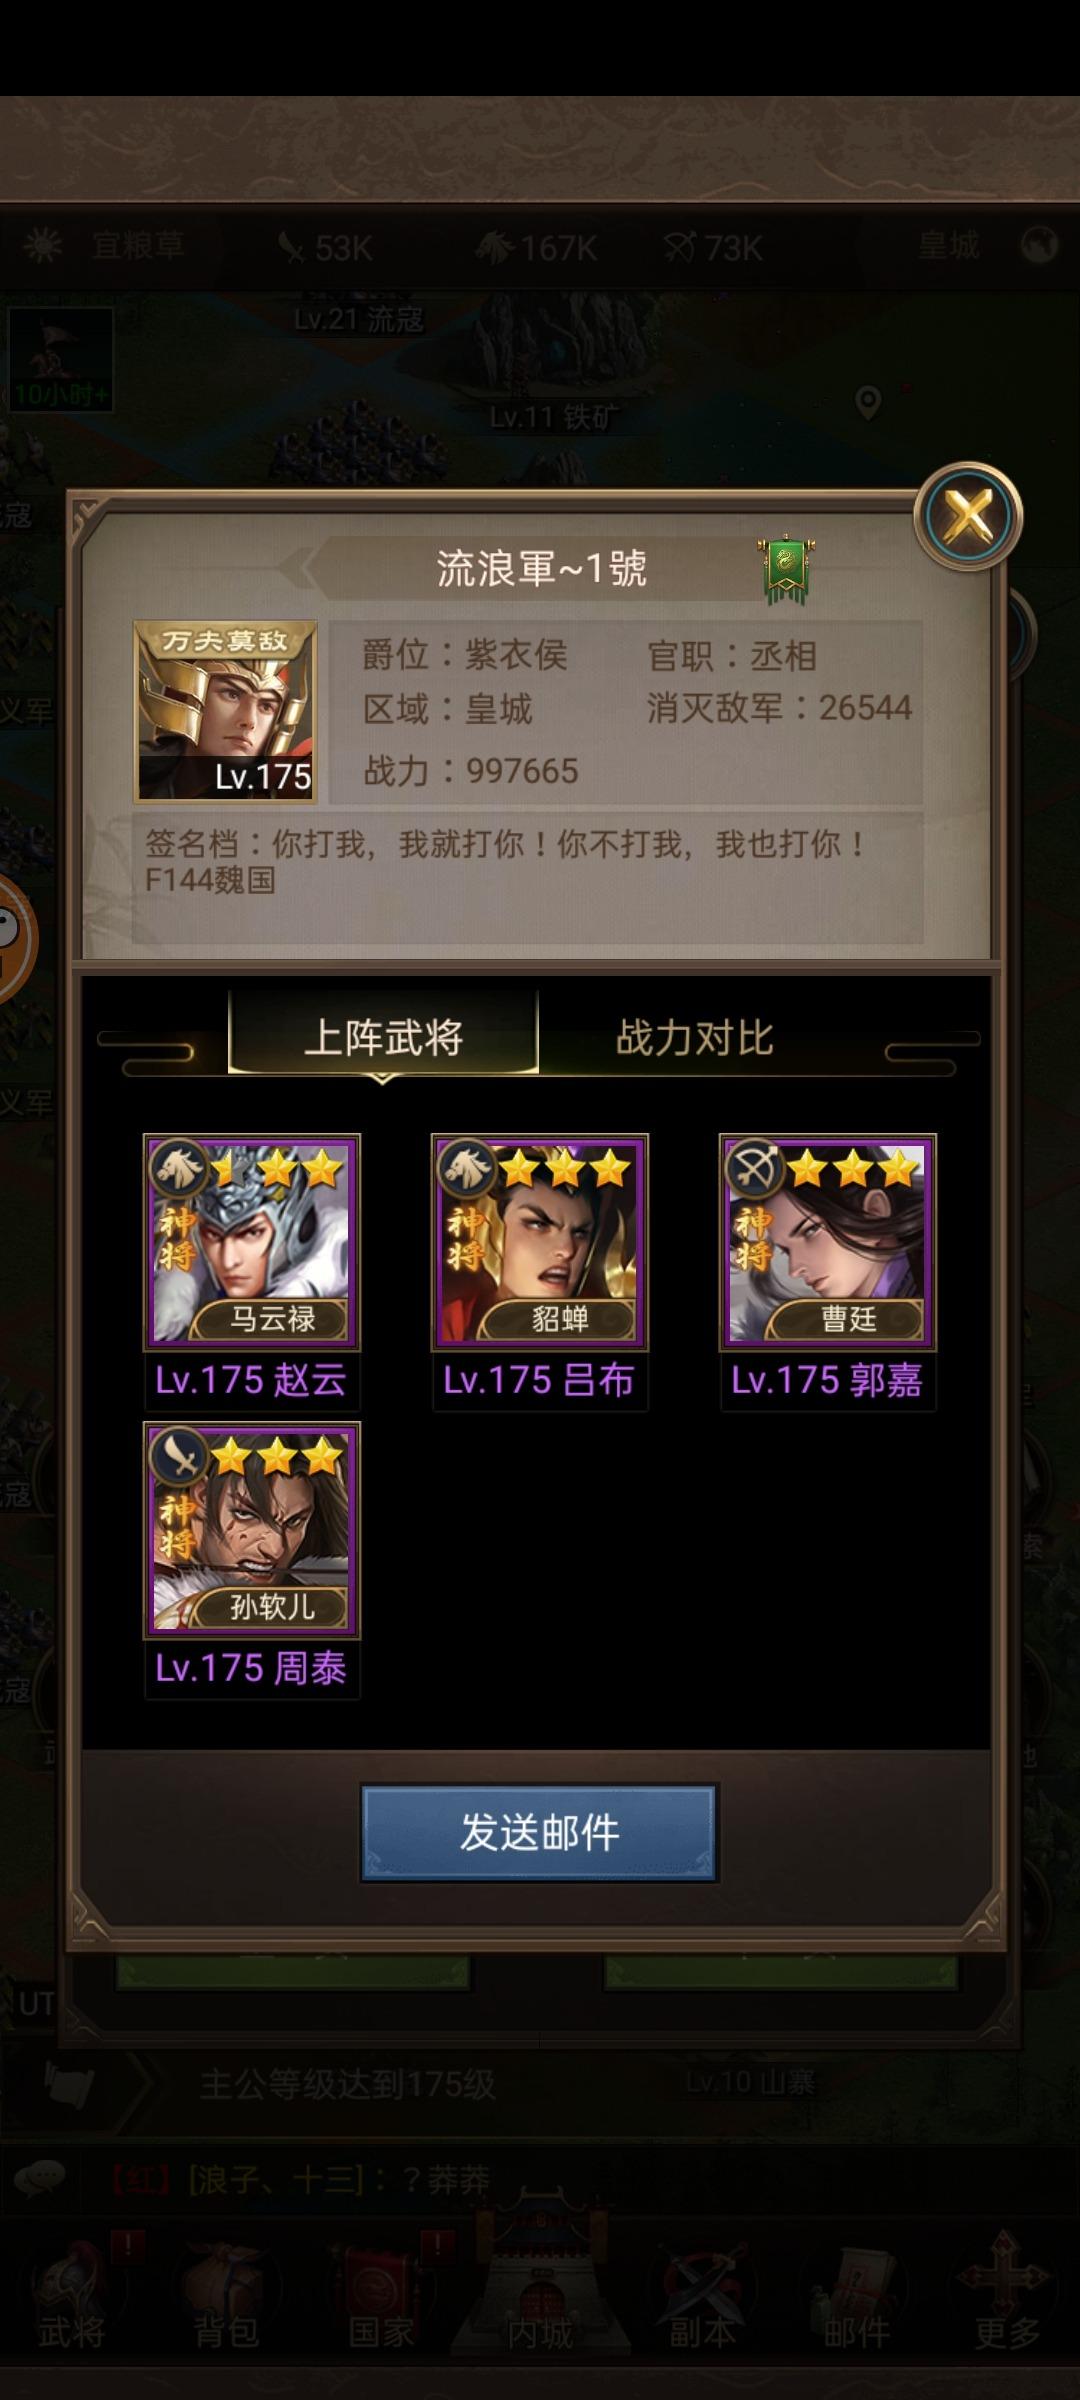 Screenshot_2020-01-30-12-11-48-80_2ca782289a69d98352866d89dbc343a1.jpg